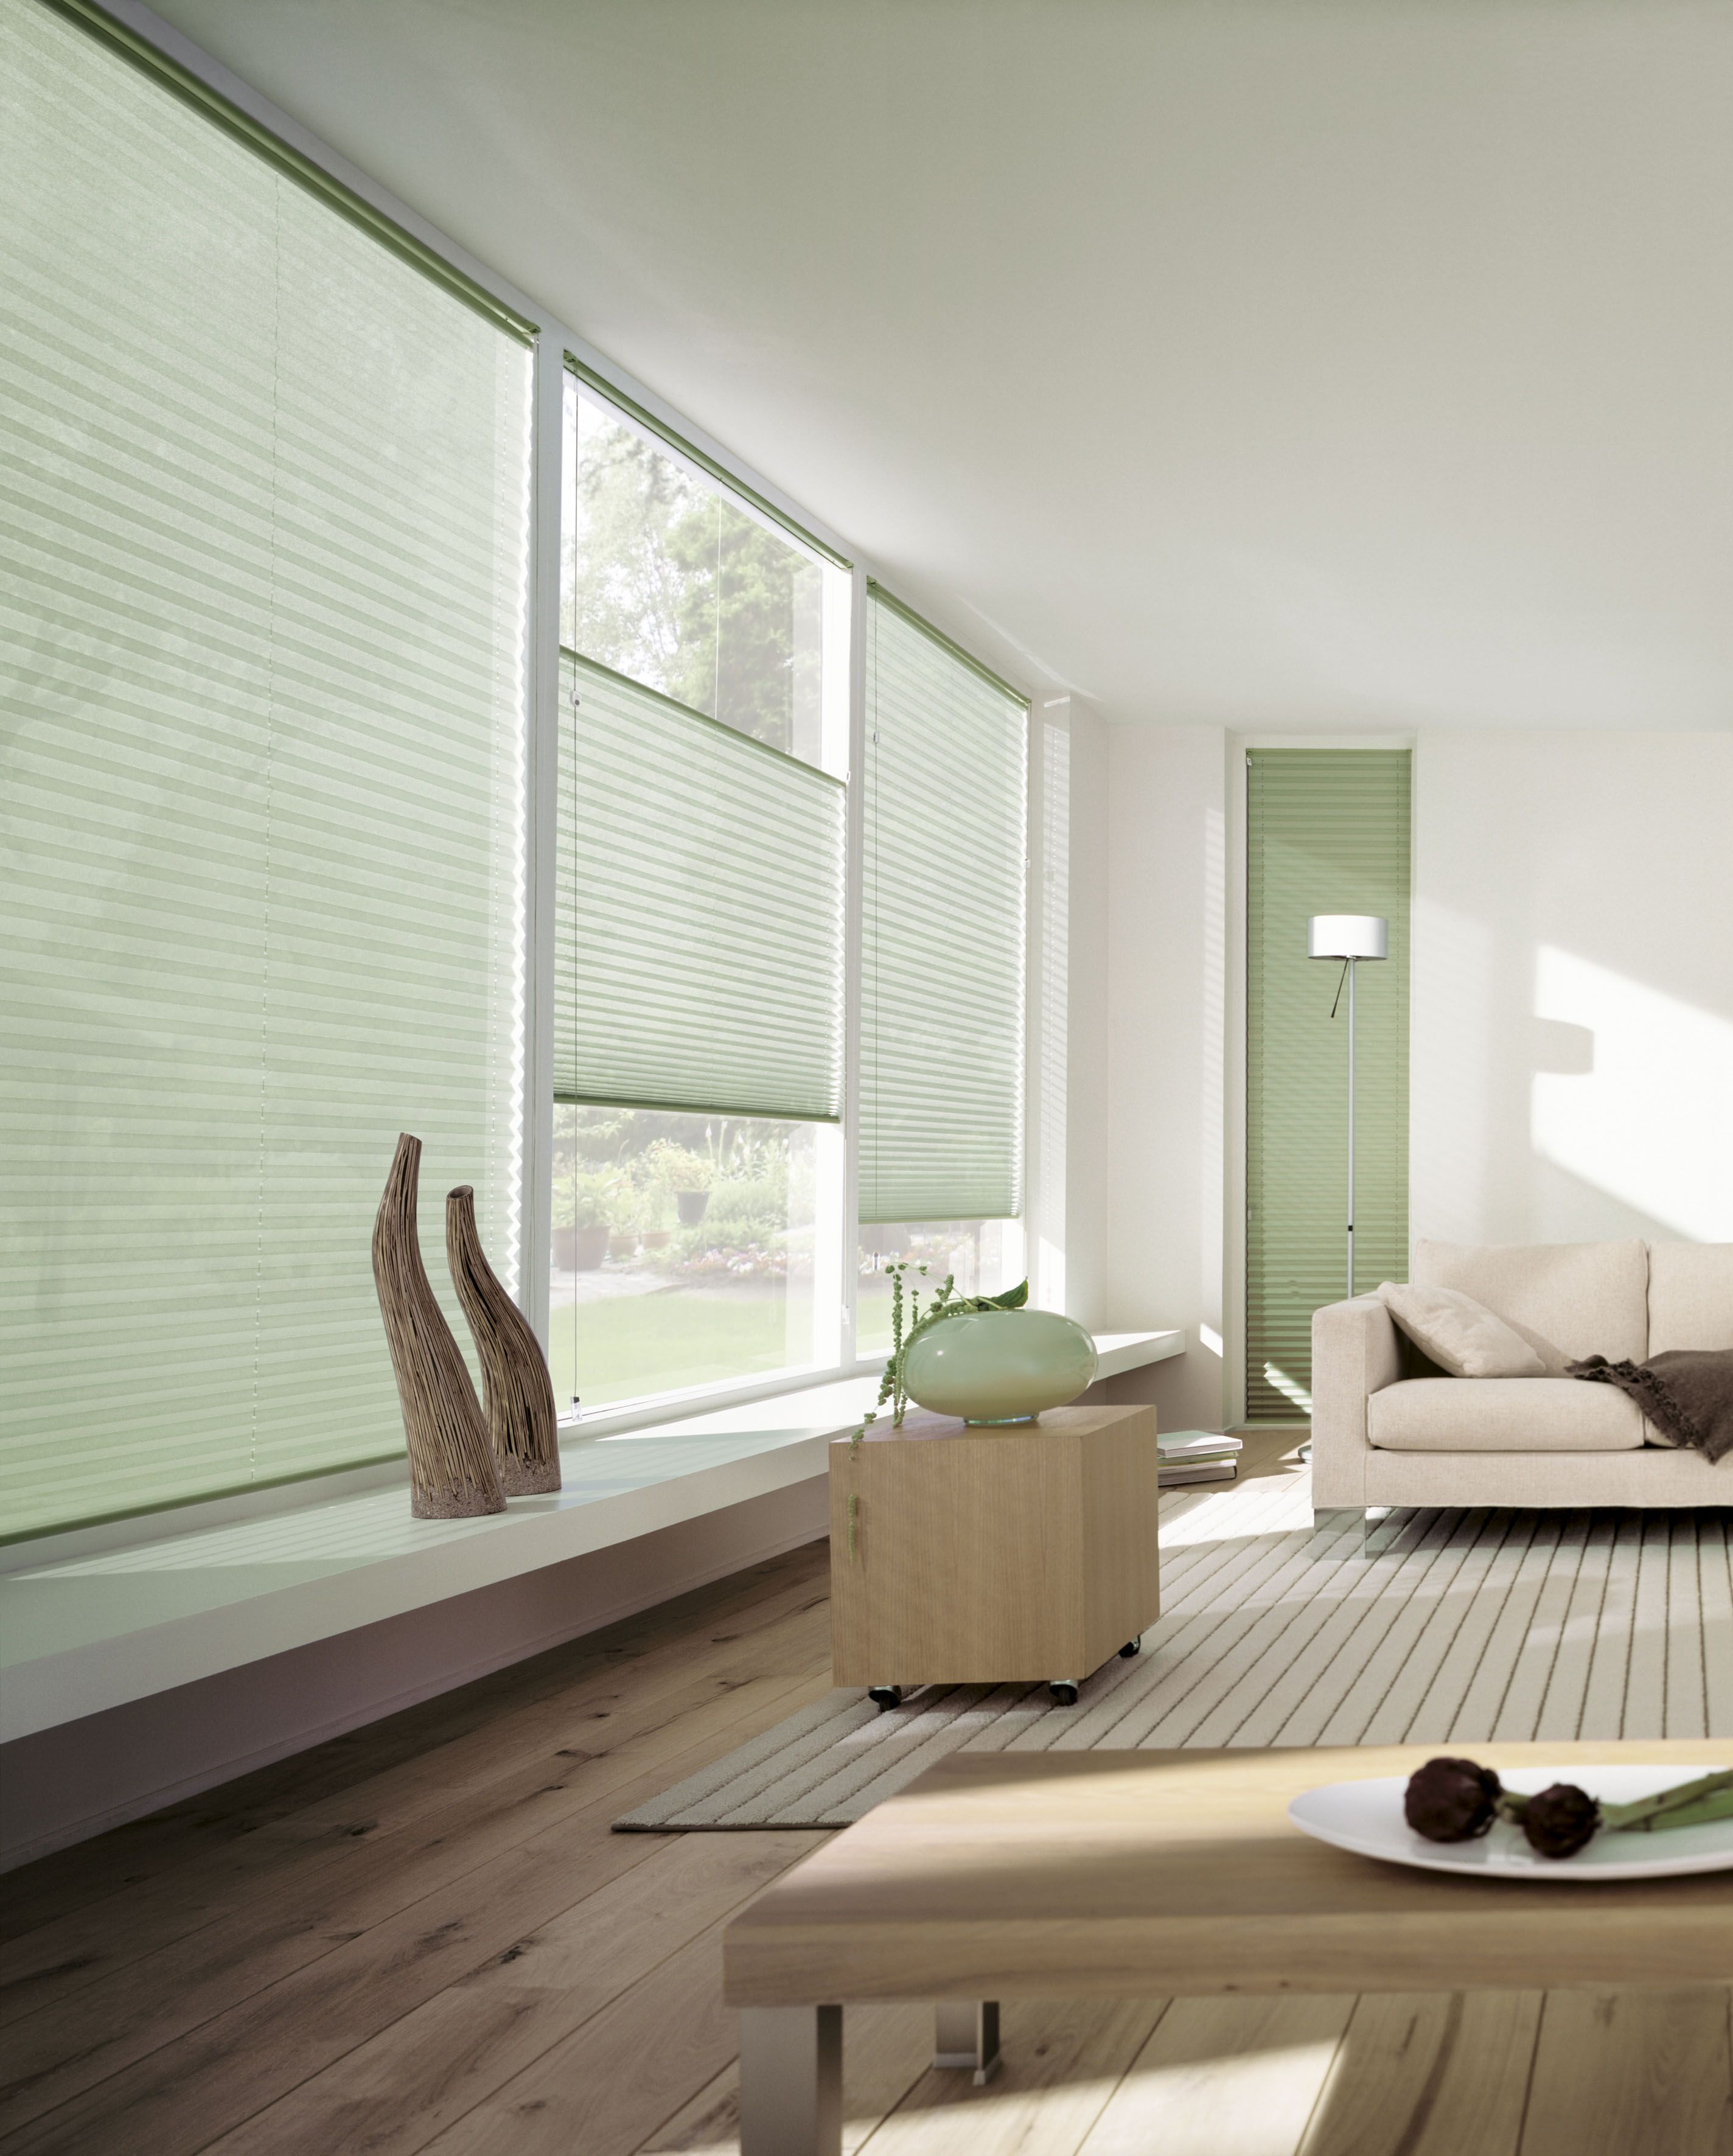 Neue Moglichkeiten Bei Der Innenbeschattung Fenster Rollos Innen Sonnenschutz Fenster Innen Wohnen